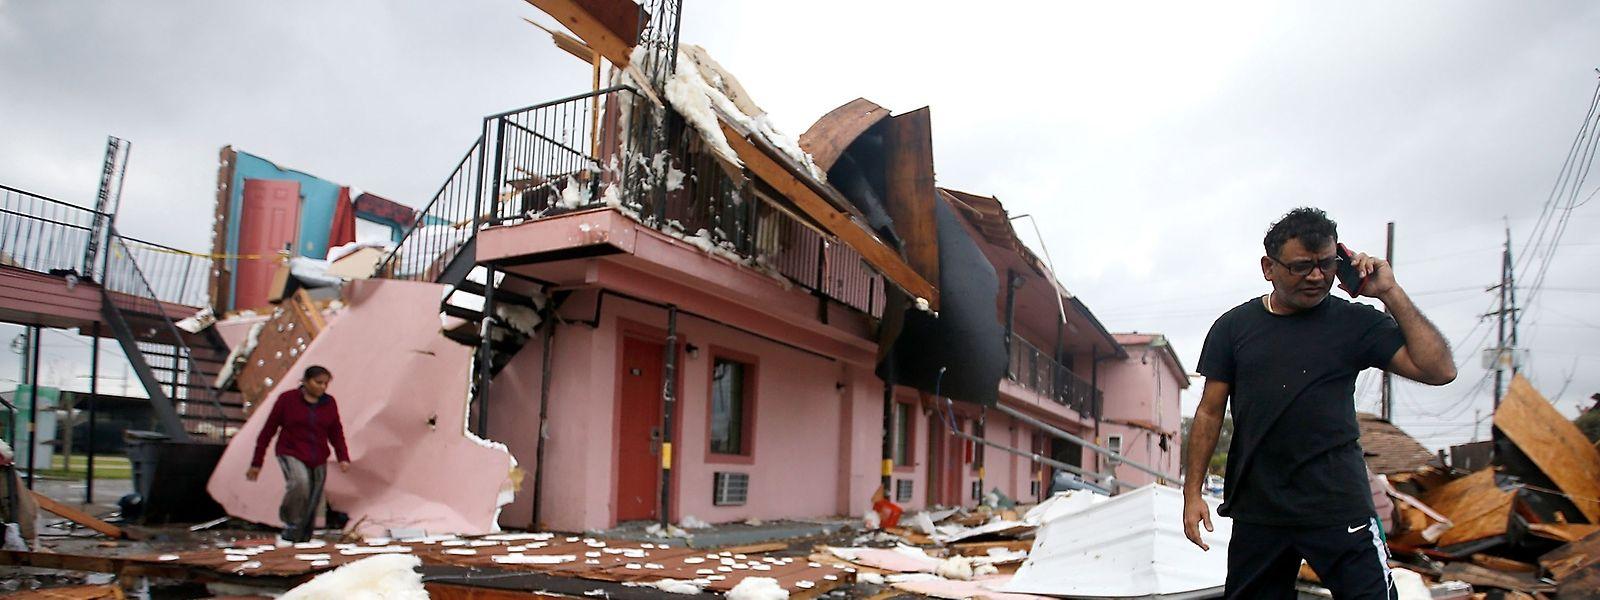 Der Tornado traf ein Stadviertel, das schon 2005 von Hurrikan Katrina schwer beschädigt worden war.